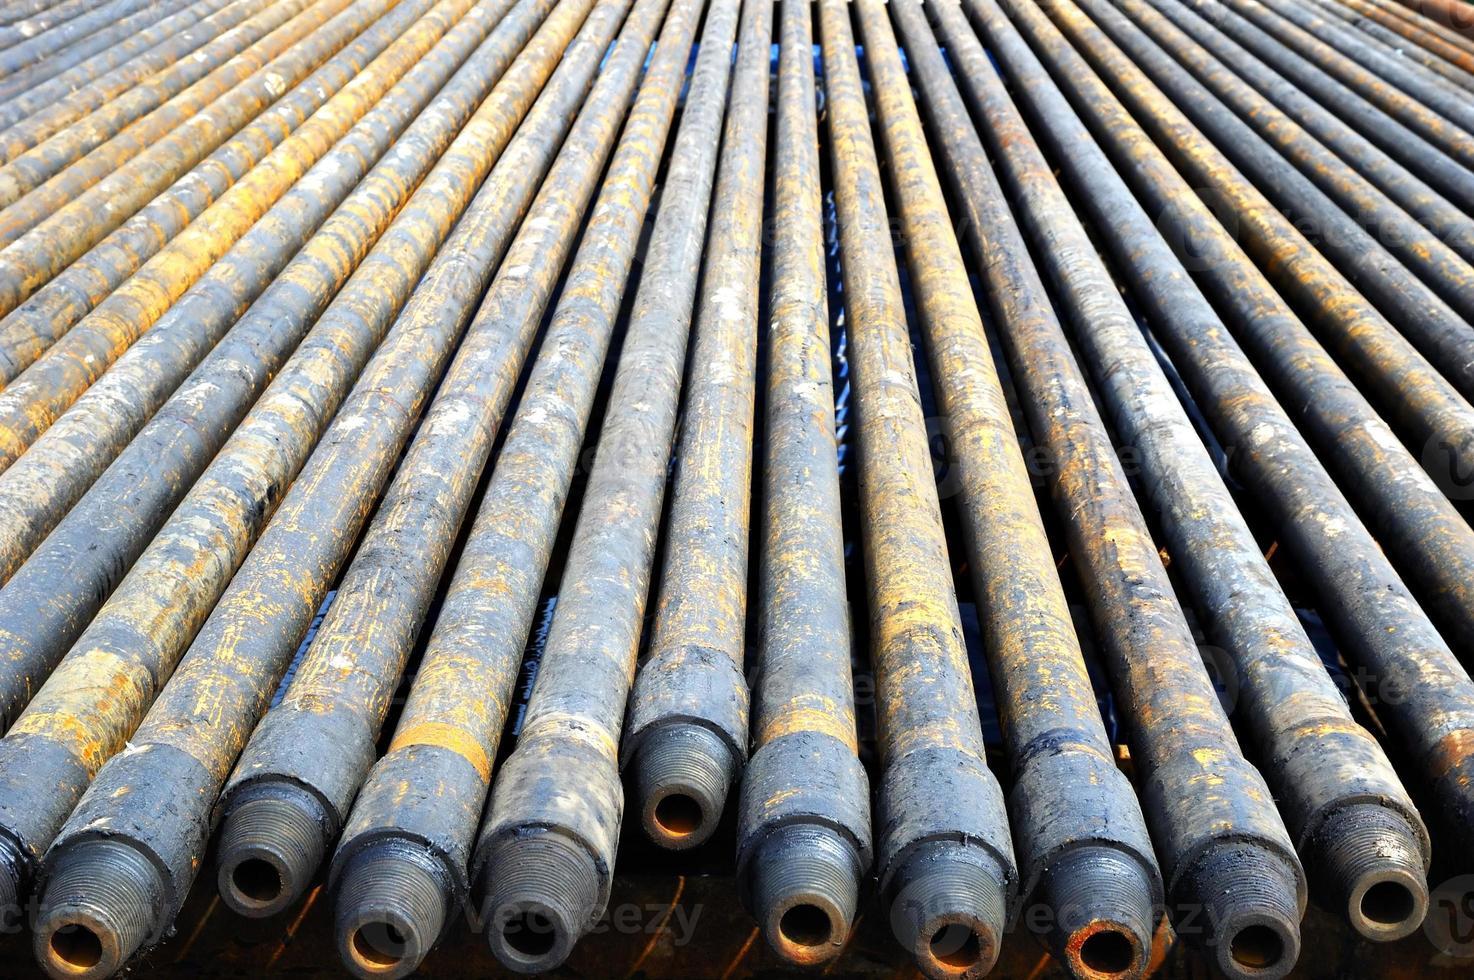 une rangée de longs tubes de forage en acier sale photo